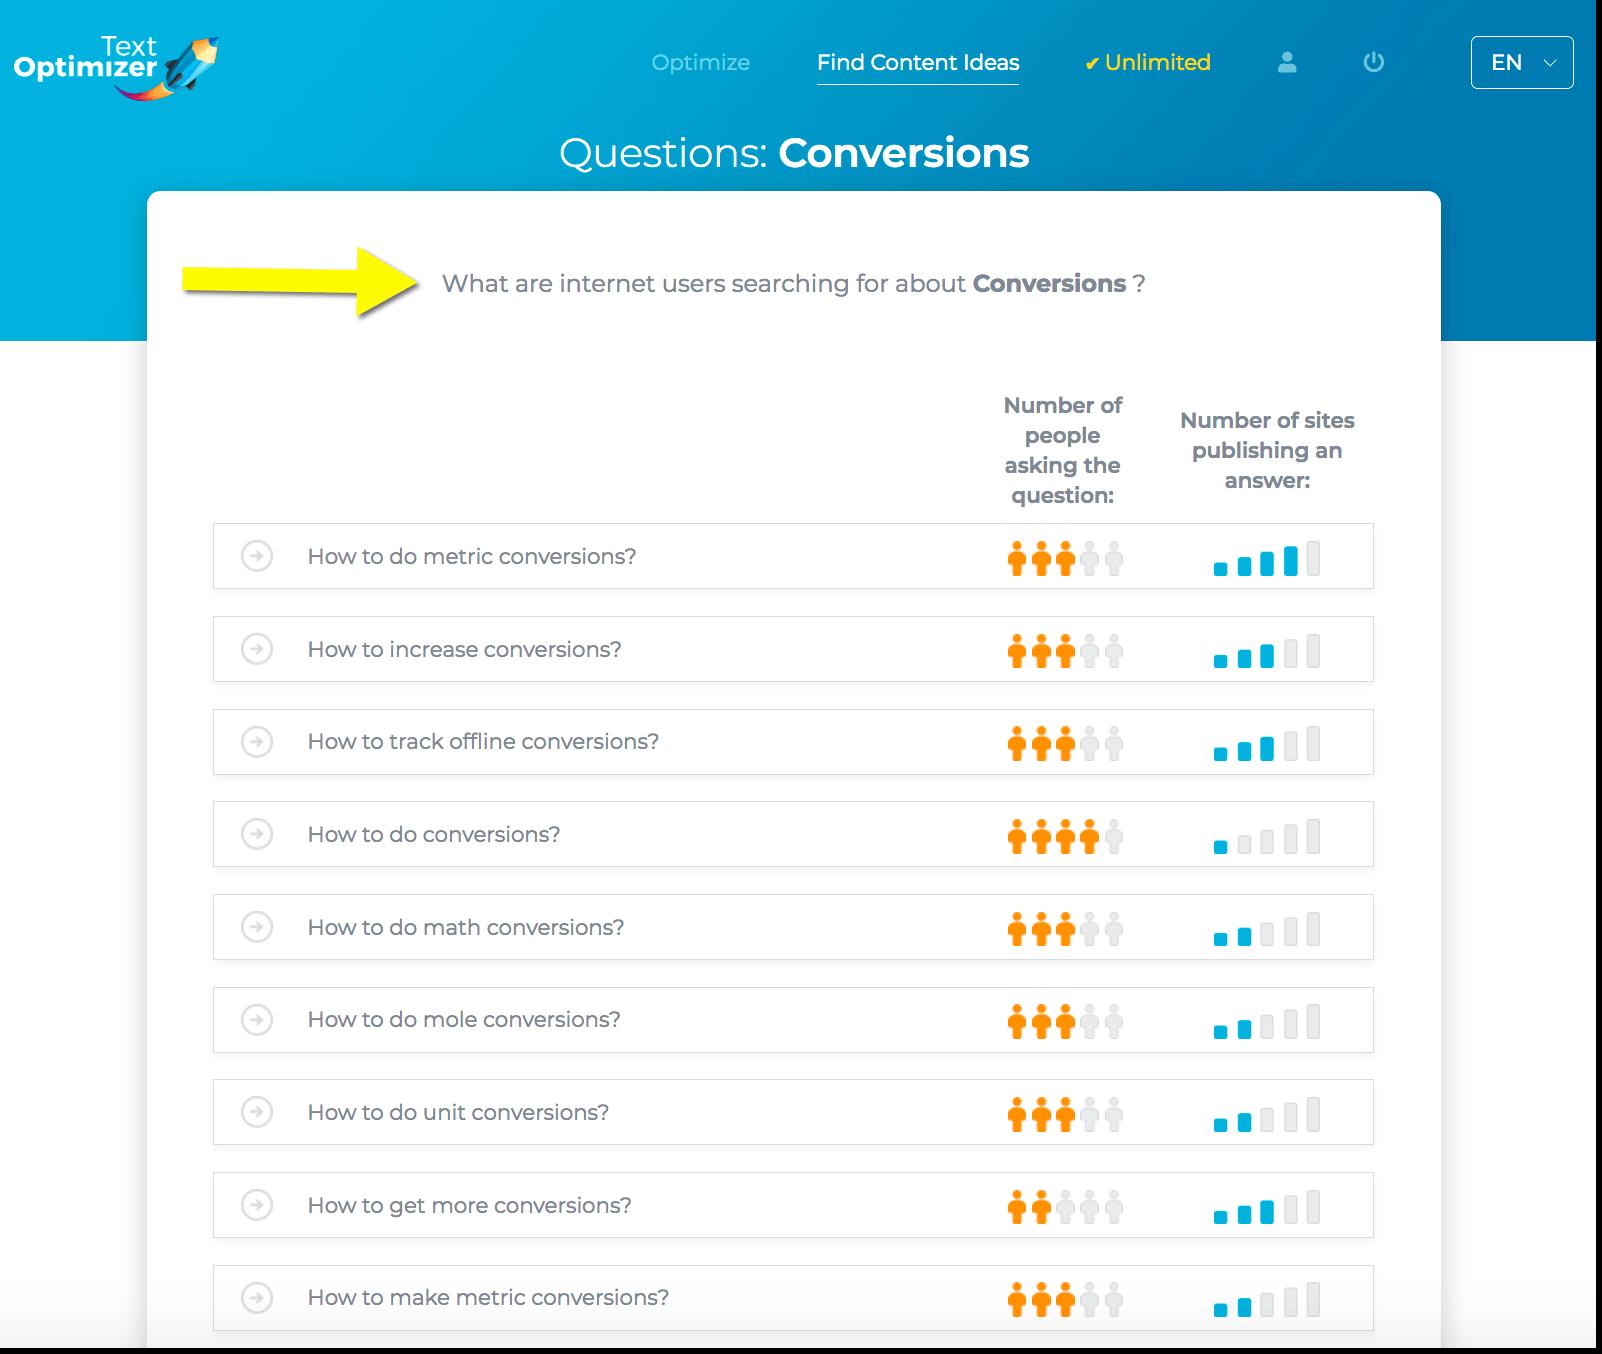 Text Optimizer questions